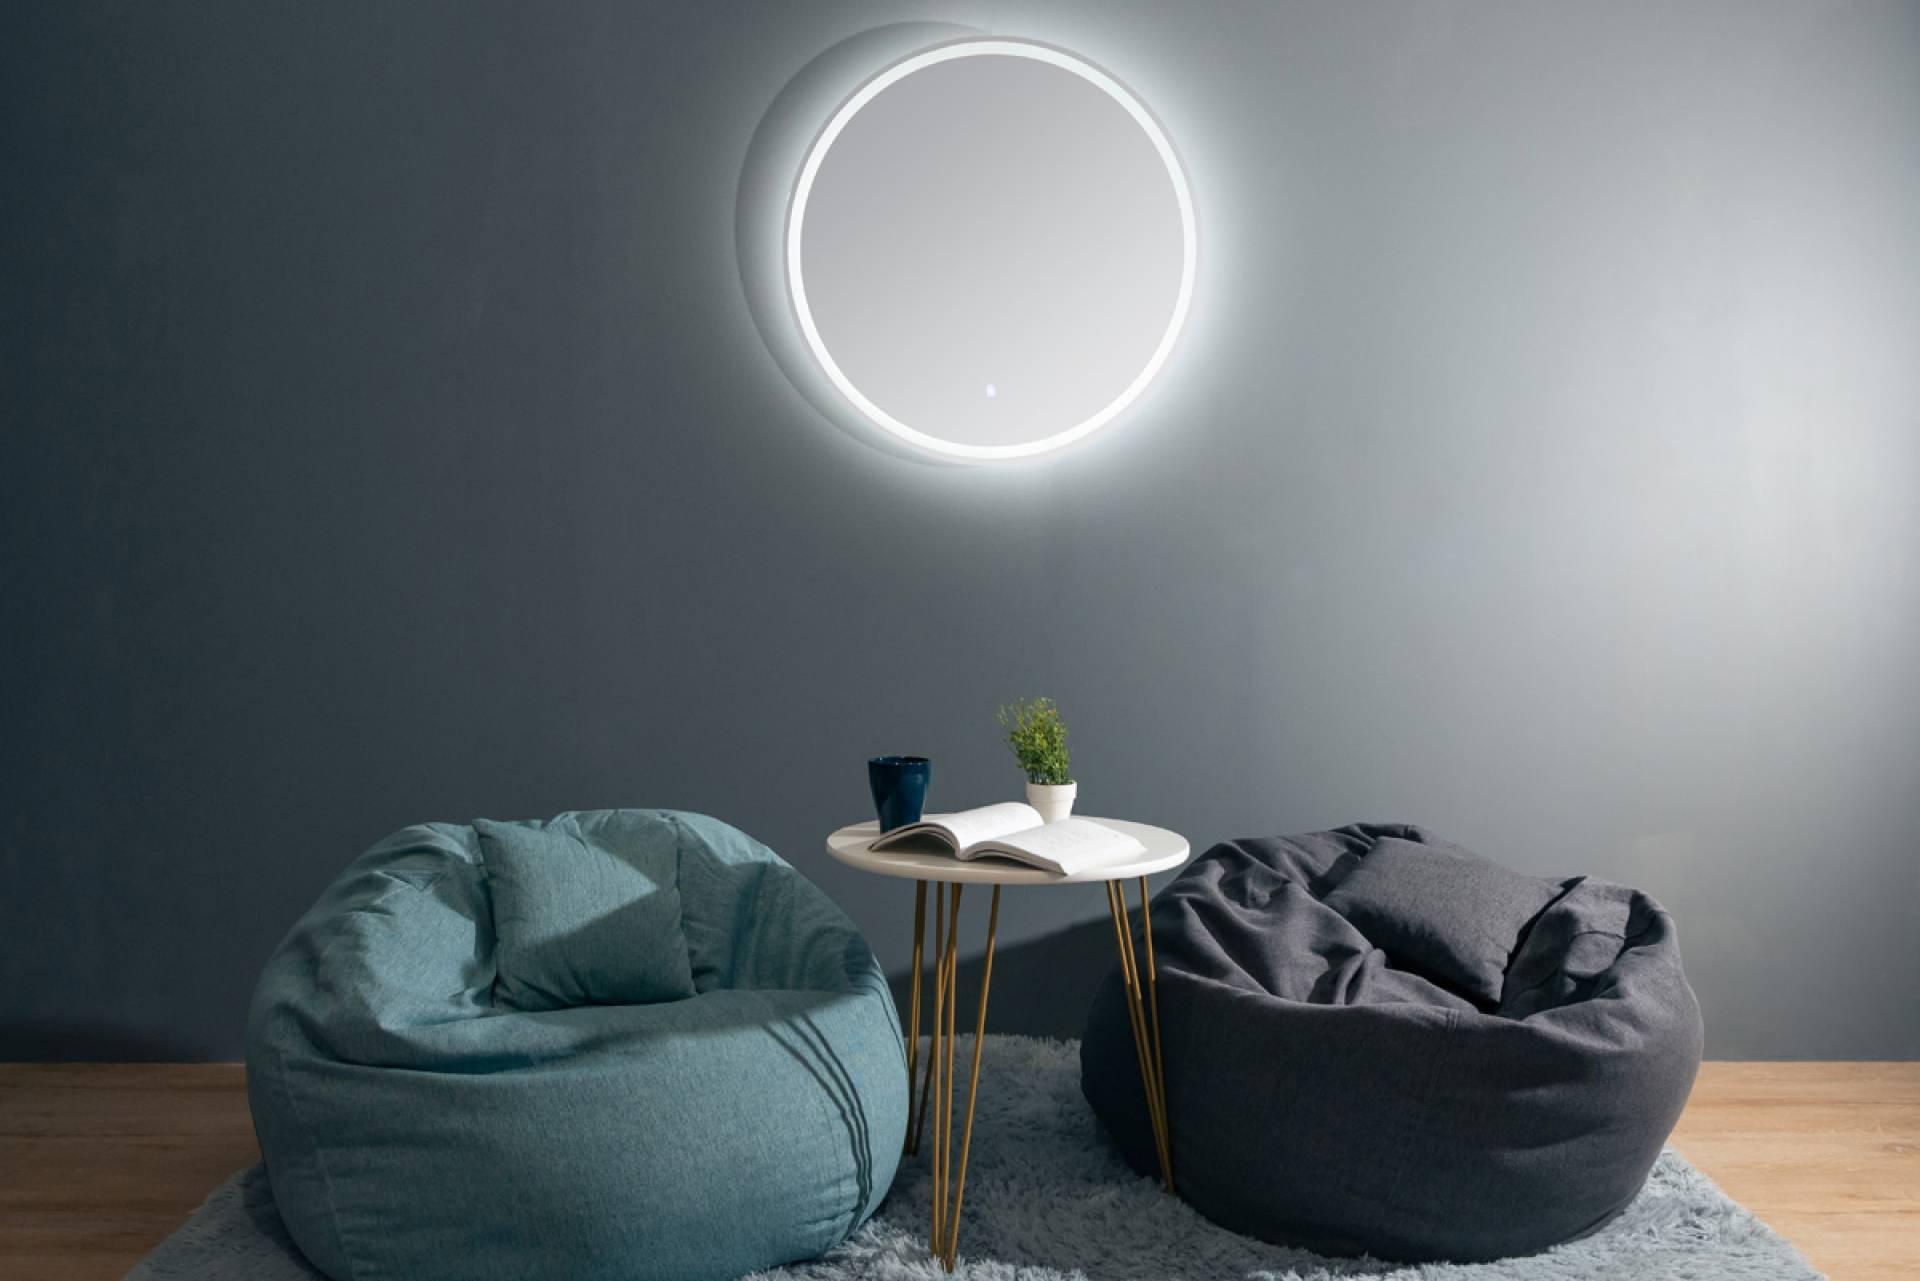 Lujoso LED Vanity Mirror